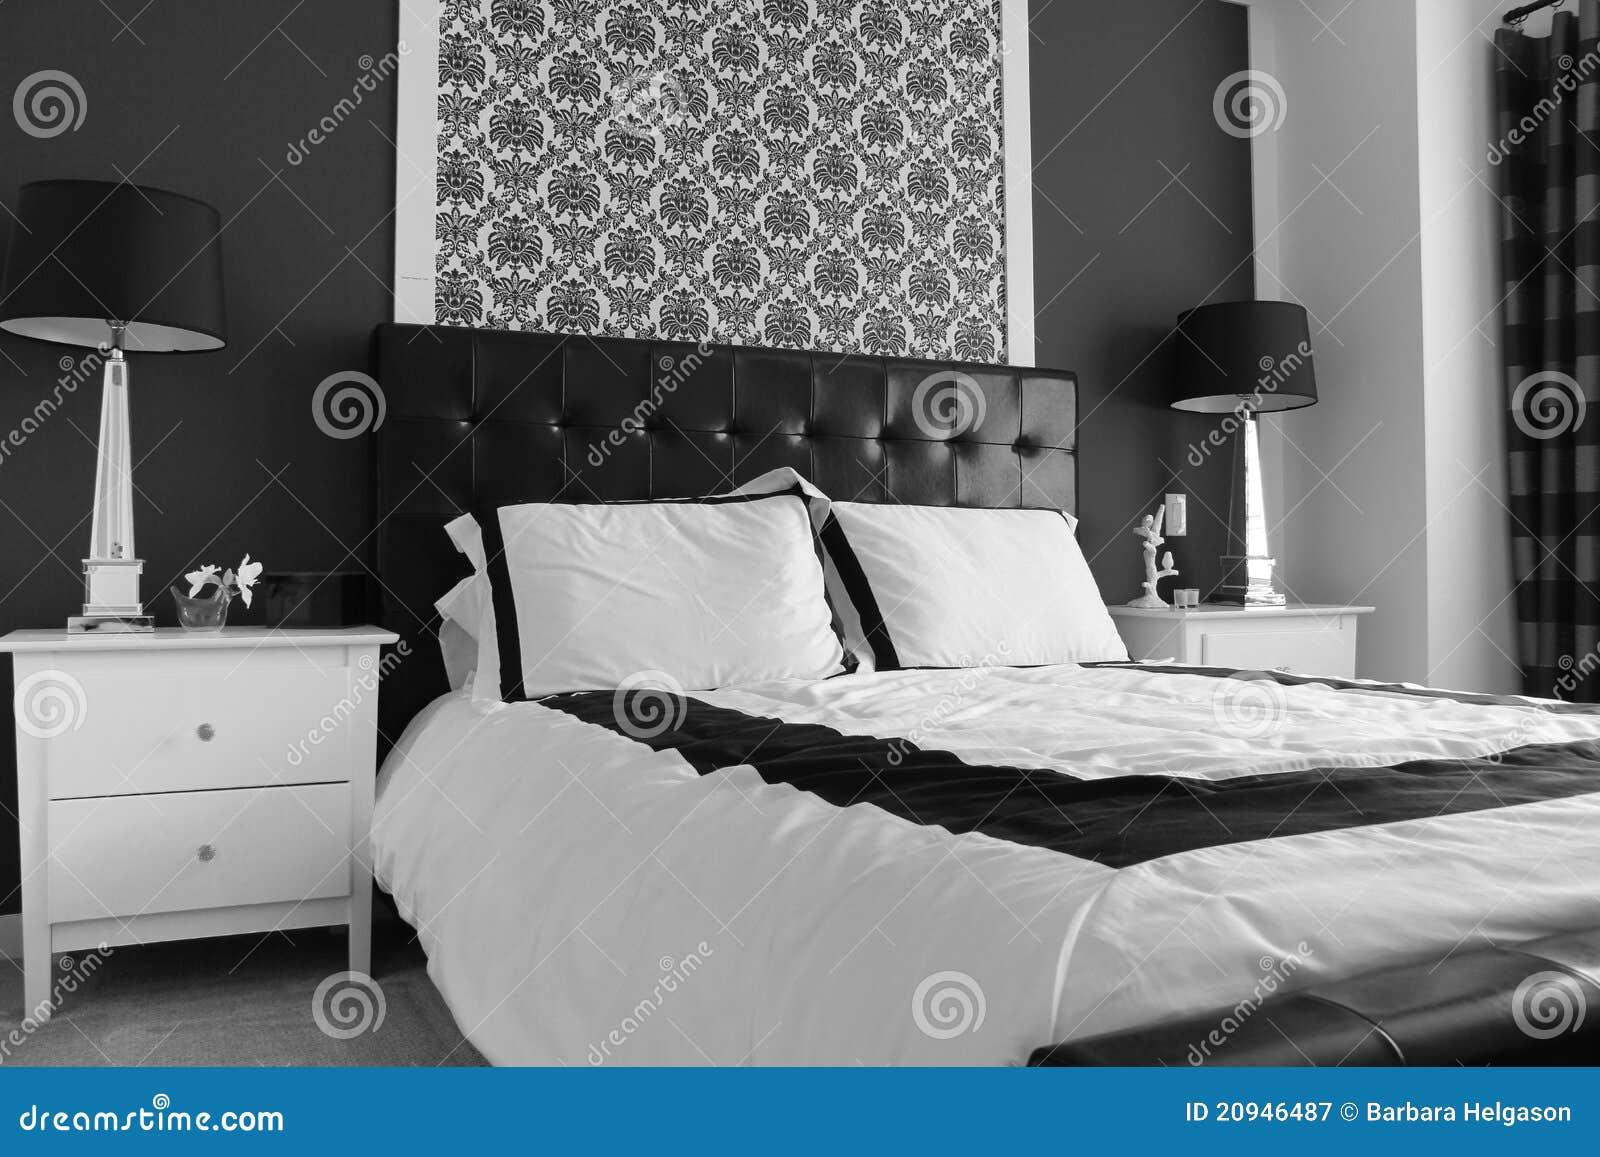 Elegant Master Bedroom elegant master bedroom stock image - image: 7958031